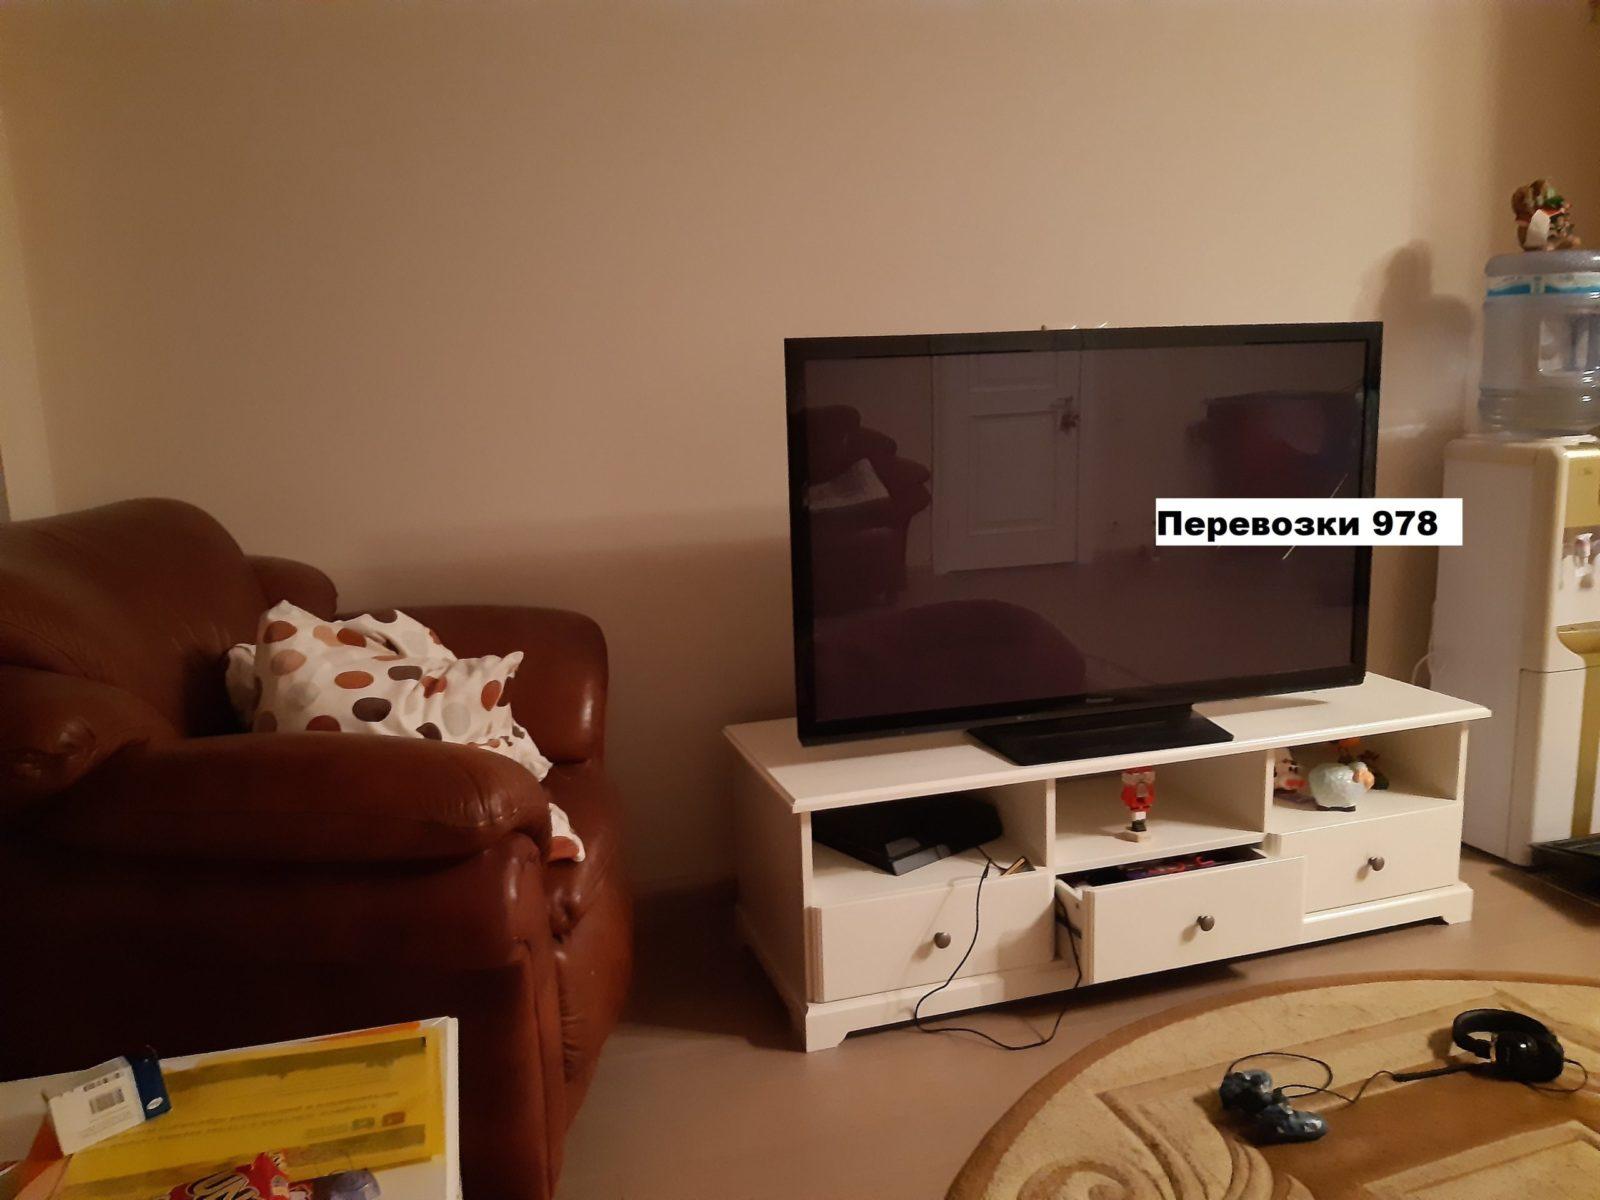 Перевозка телевизора, как перевезти без коробки | «Перевозки 978»